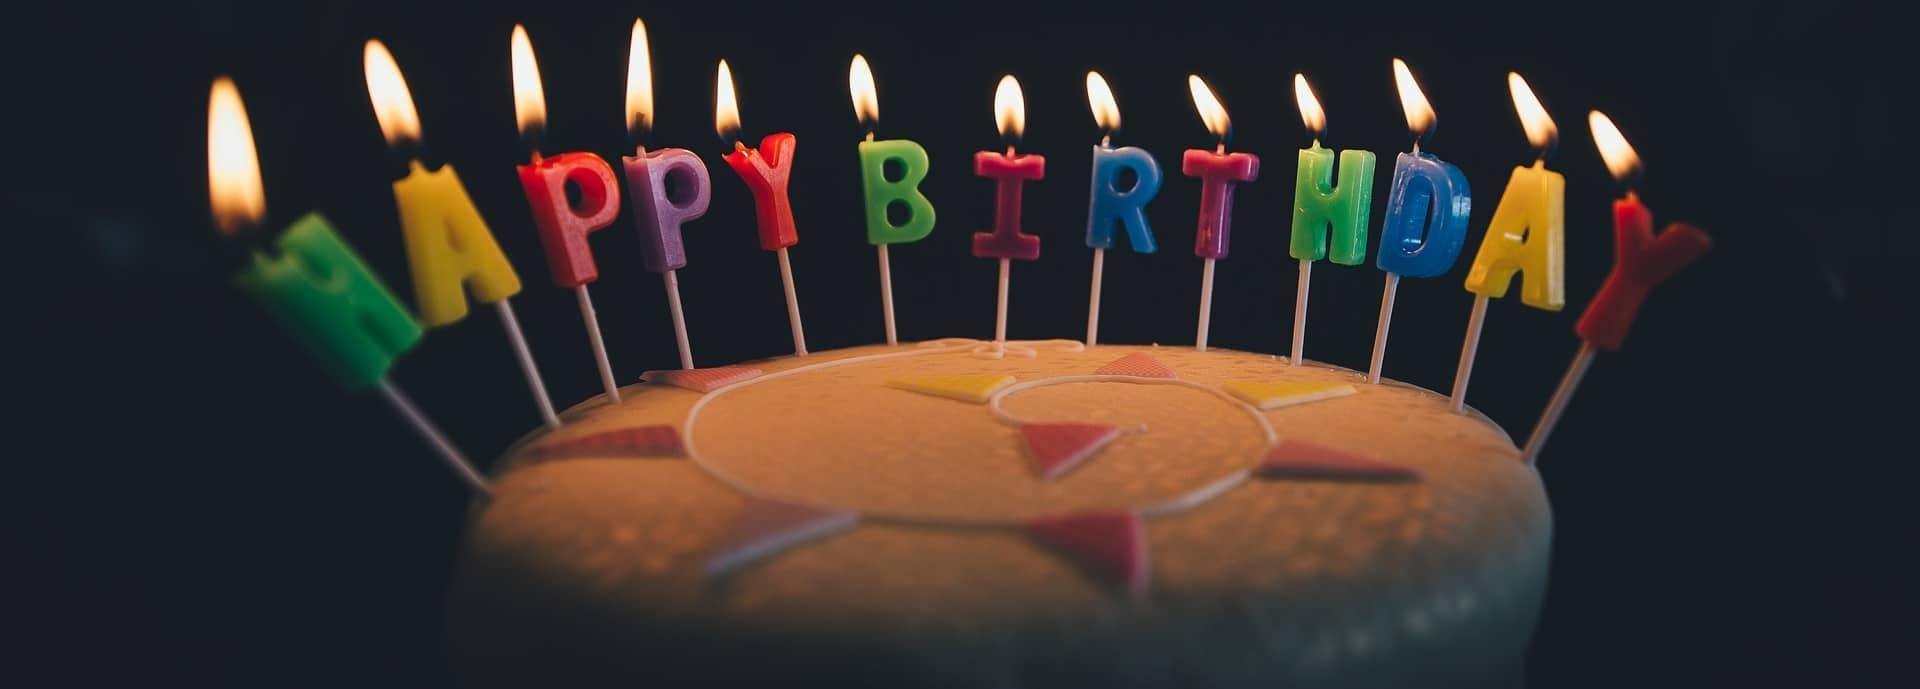 invitation a un anniversaire message